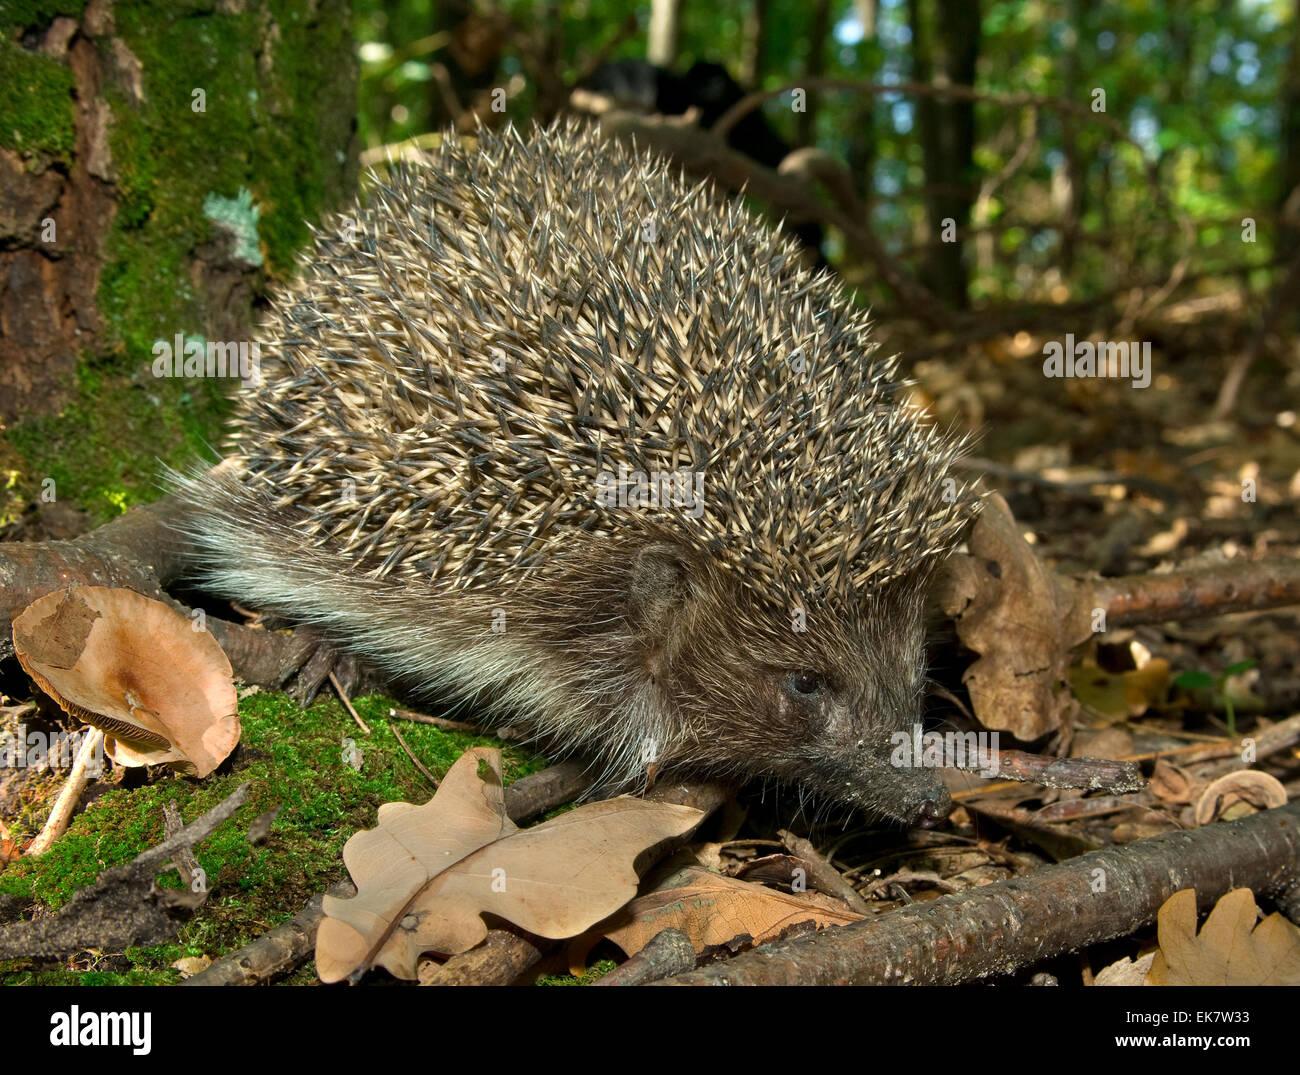 c145977e5804 Hedgehog Suit Stock Photos   Hedgehog Suit Stock Images - Alamy